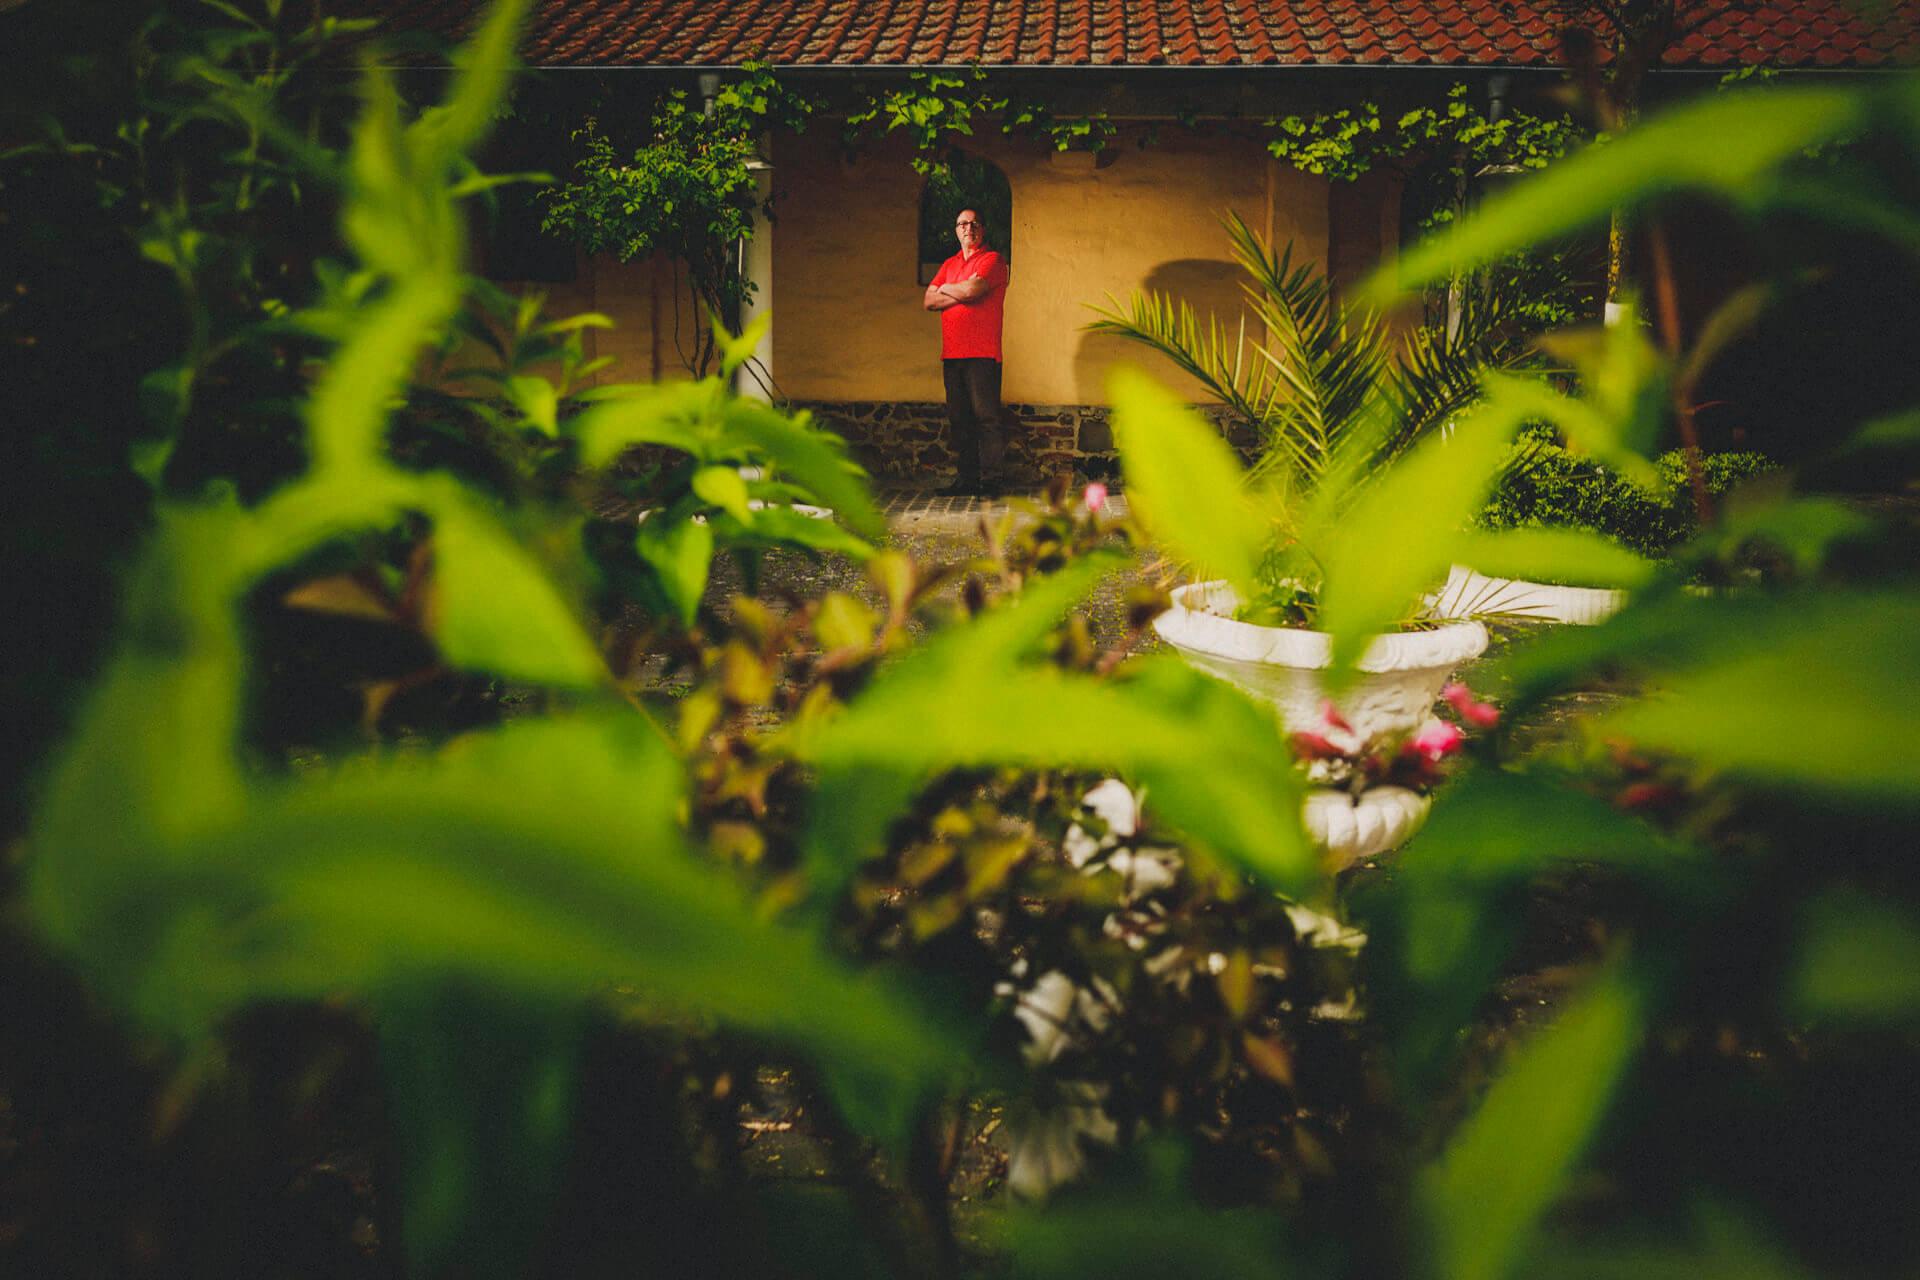 Alles auf Stopp - Corona-Doku-Fotoprojekt - EIne Porträt-Reportage über unter der Corona-Krise leidenden lokalen Unternehmen - Rossi Photography - Business-Porträts Frankfurt und Hessen